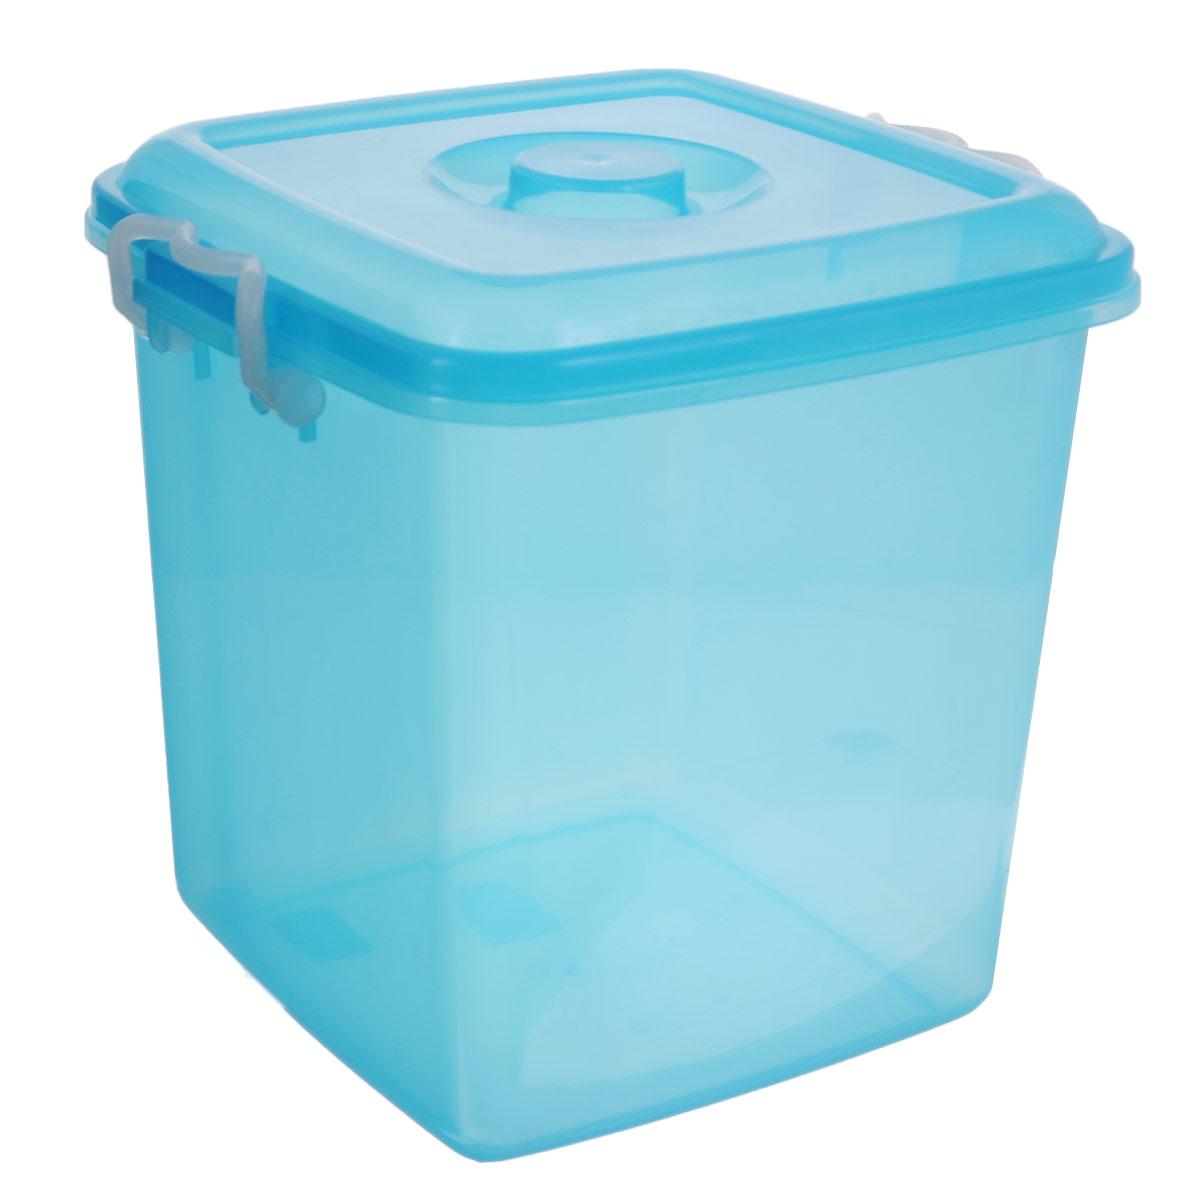 Контейнер для хранения Idea Океаник, цвет: голубой, 10 лМ 2857Контейнер Idea Океаник выполнен из прочного пластика, предназначен для хранения различных бытовых предметов и мелочей.Контейнер снабжен эргономичной плотно закрывающейся крышкой со специальными боковыми фиксаторами.